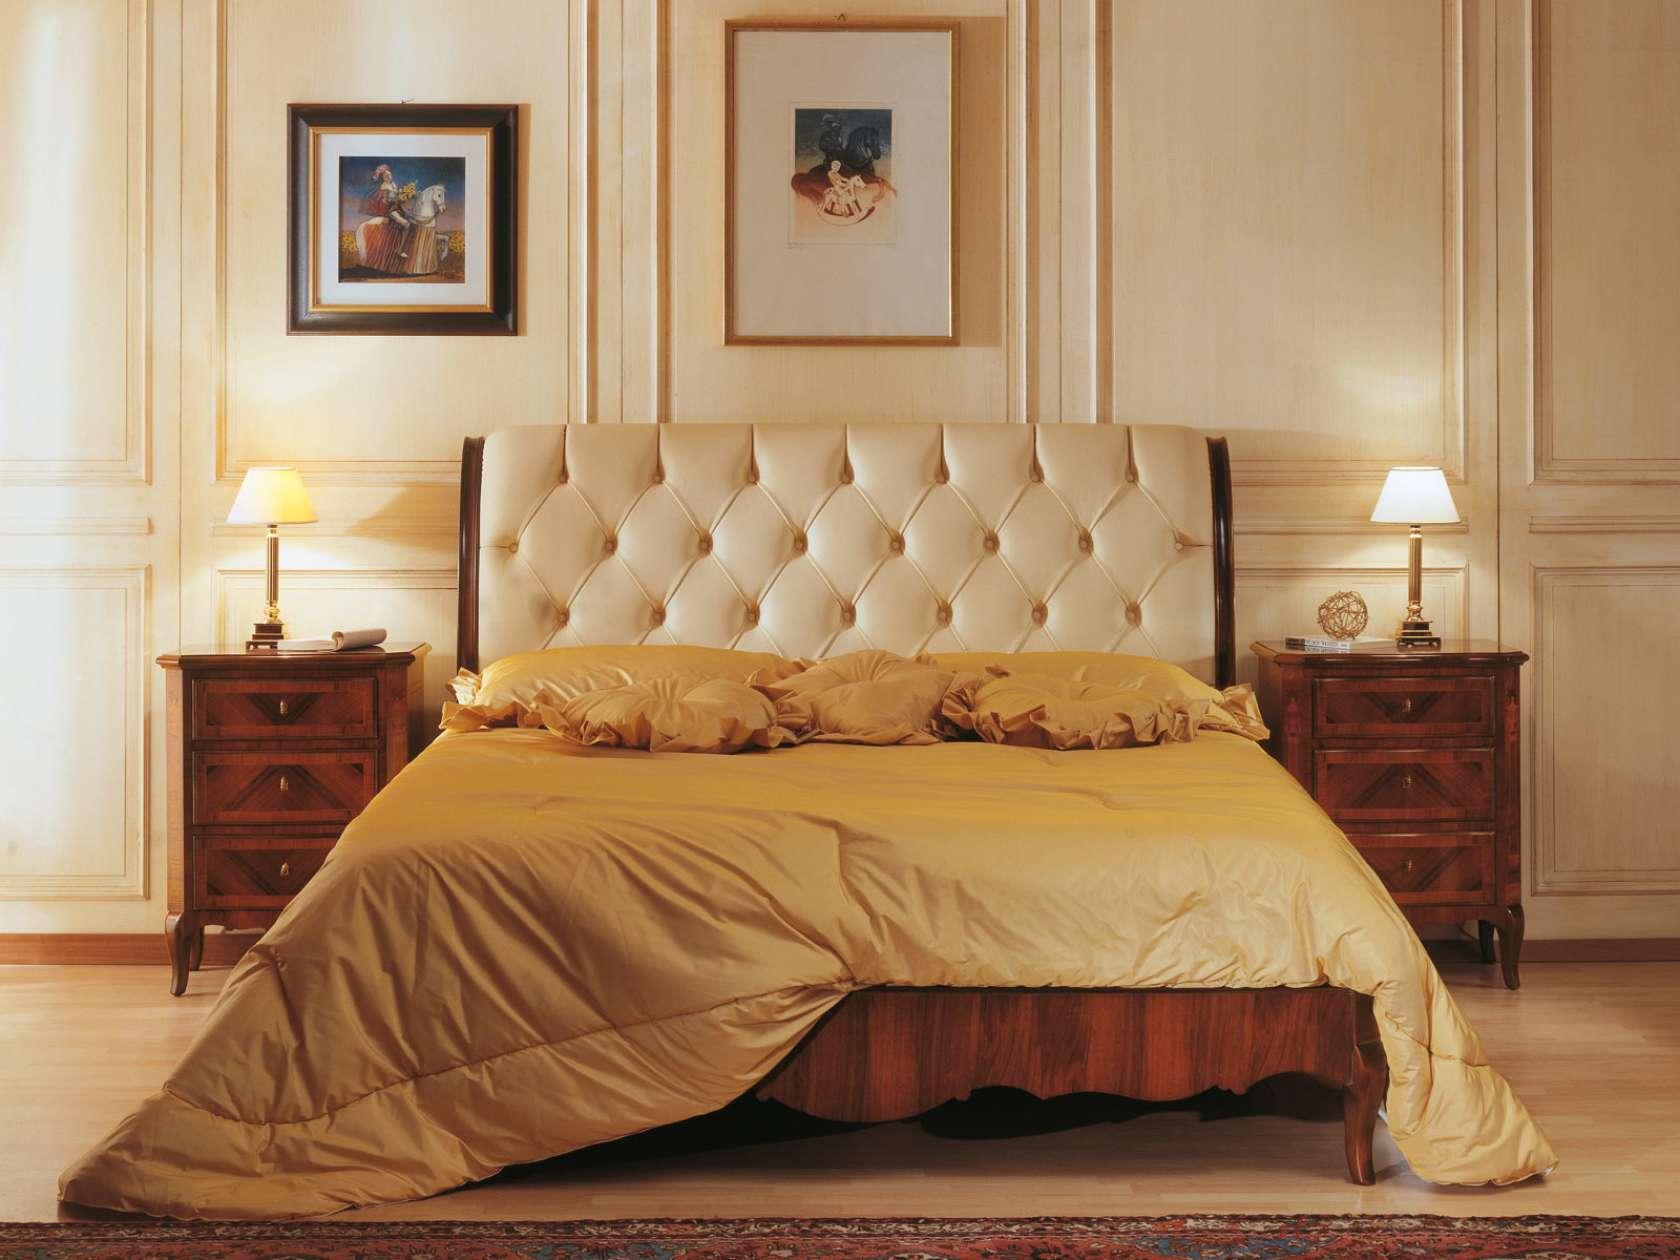 Camera da letto classica di lusso 800 francese letto in for Camera da letto vittoriana buia